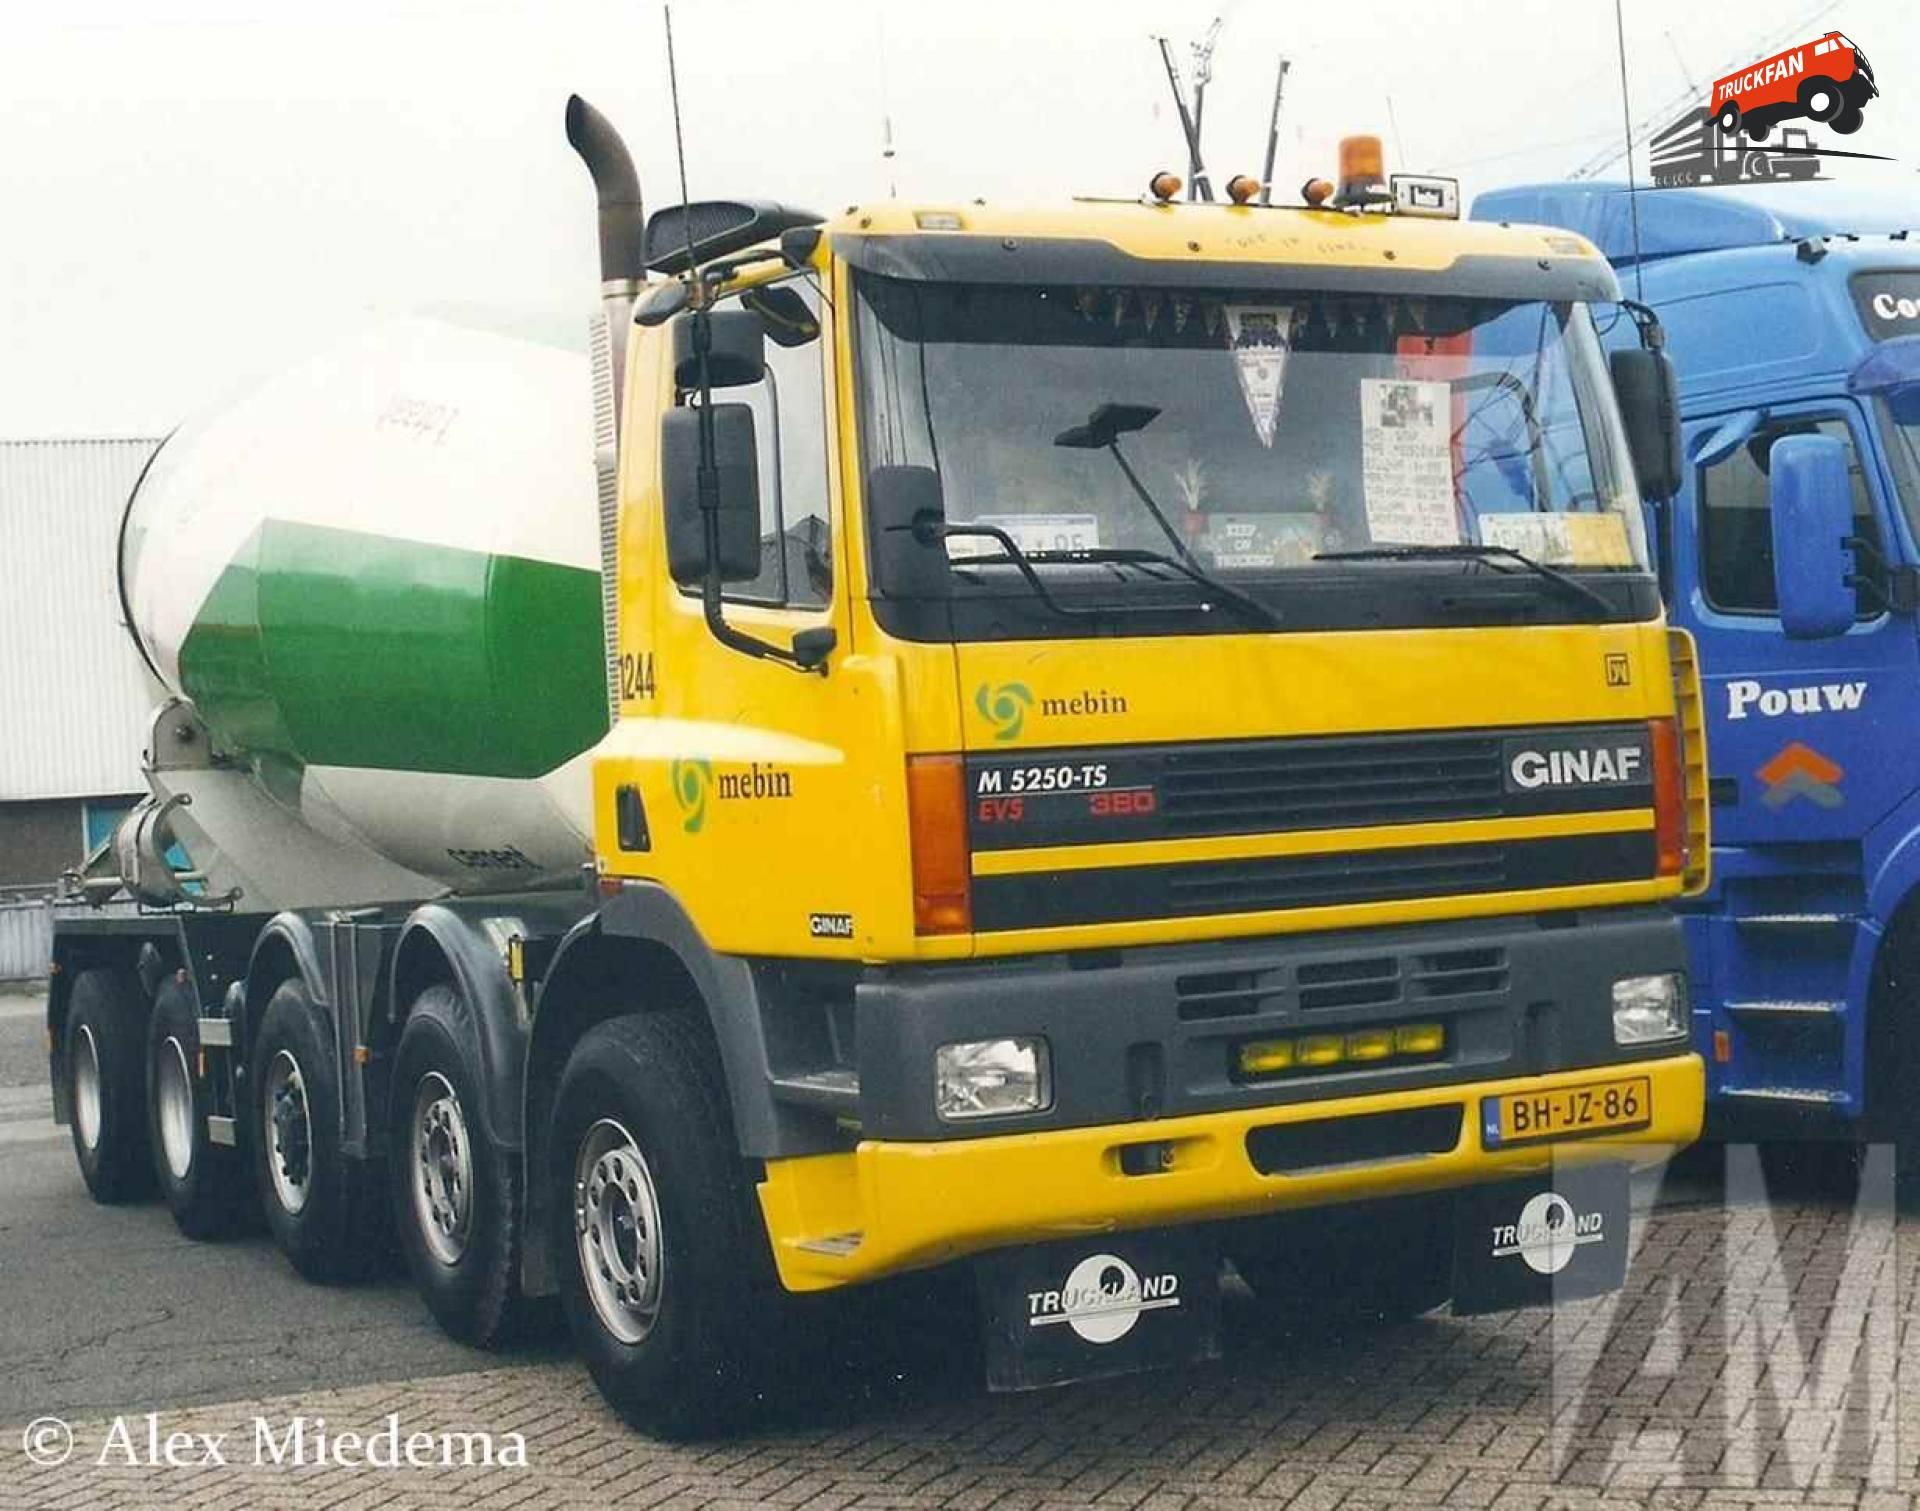 GINAF M5250-TS